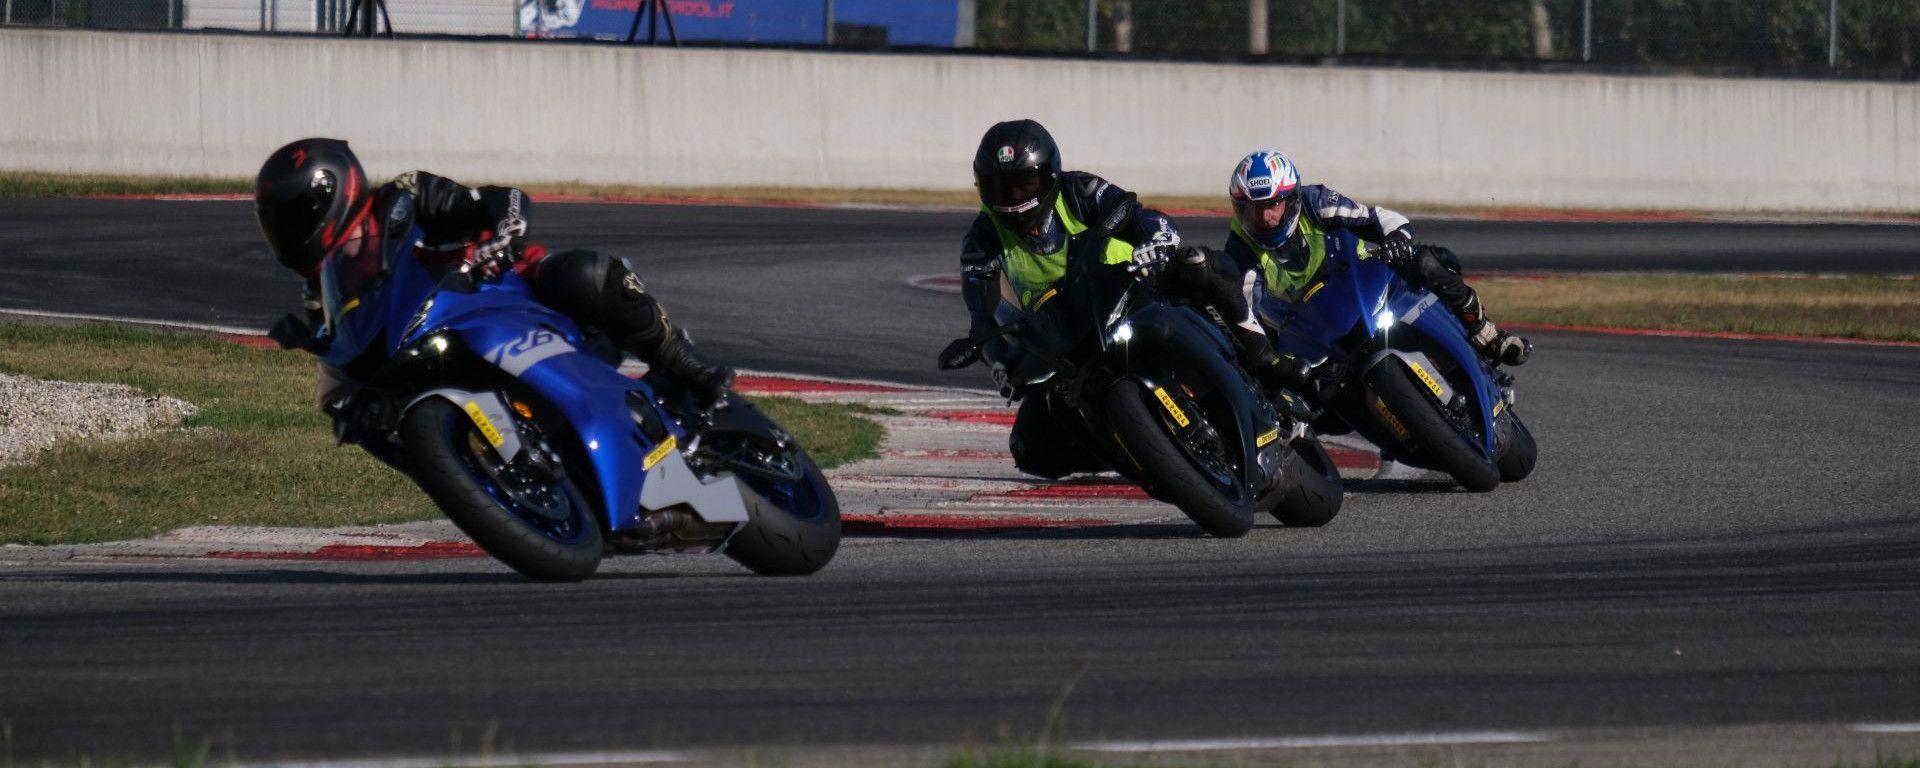 Yamaha Supersport Pro Tour: prova R1, R1M, R6 e R6 Race in pista